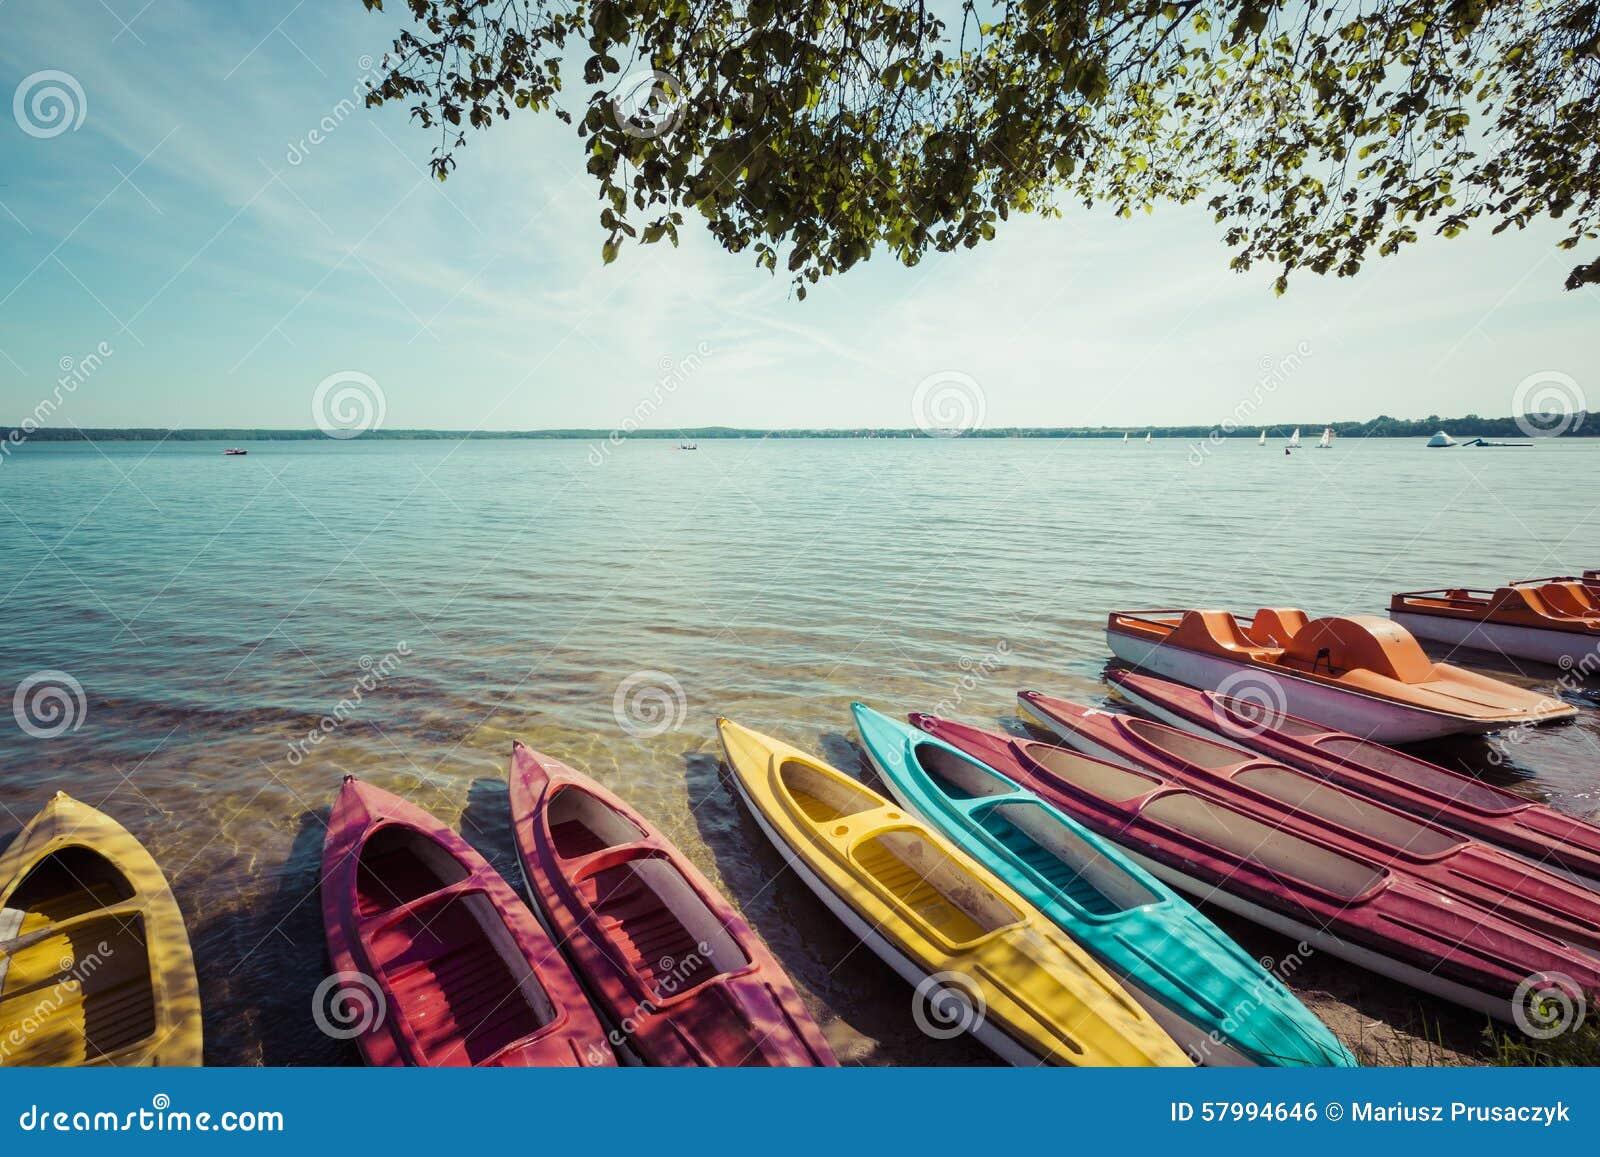 Kleurrijke die kajaks op lakeshore, Goldopiwo-Meer, Mazury, Pol. worden vastgelegd